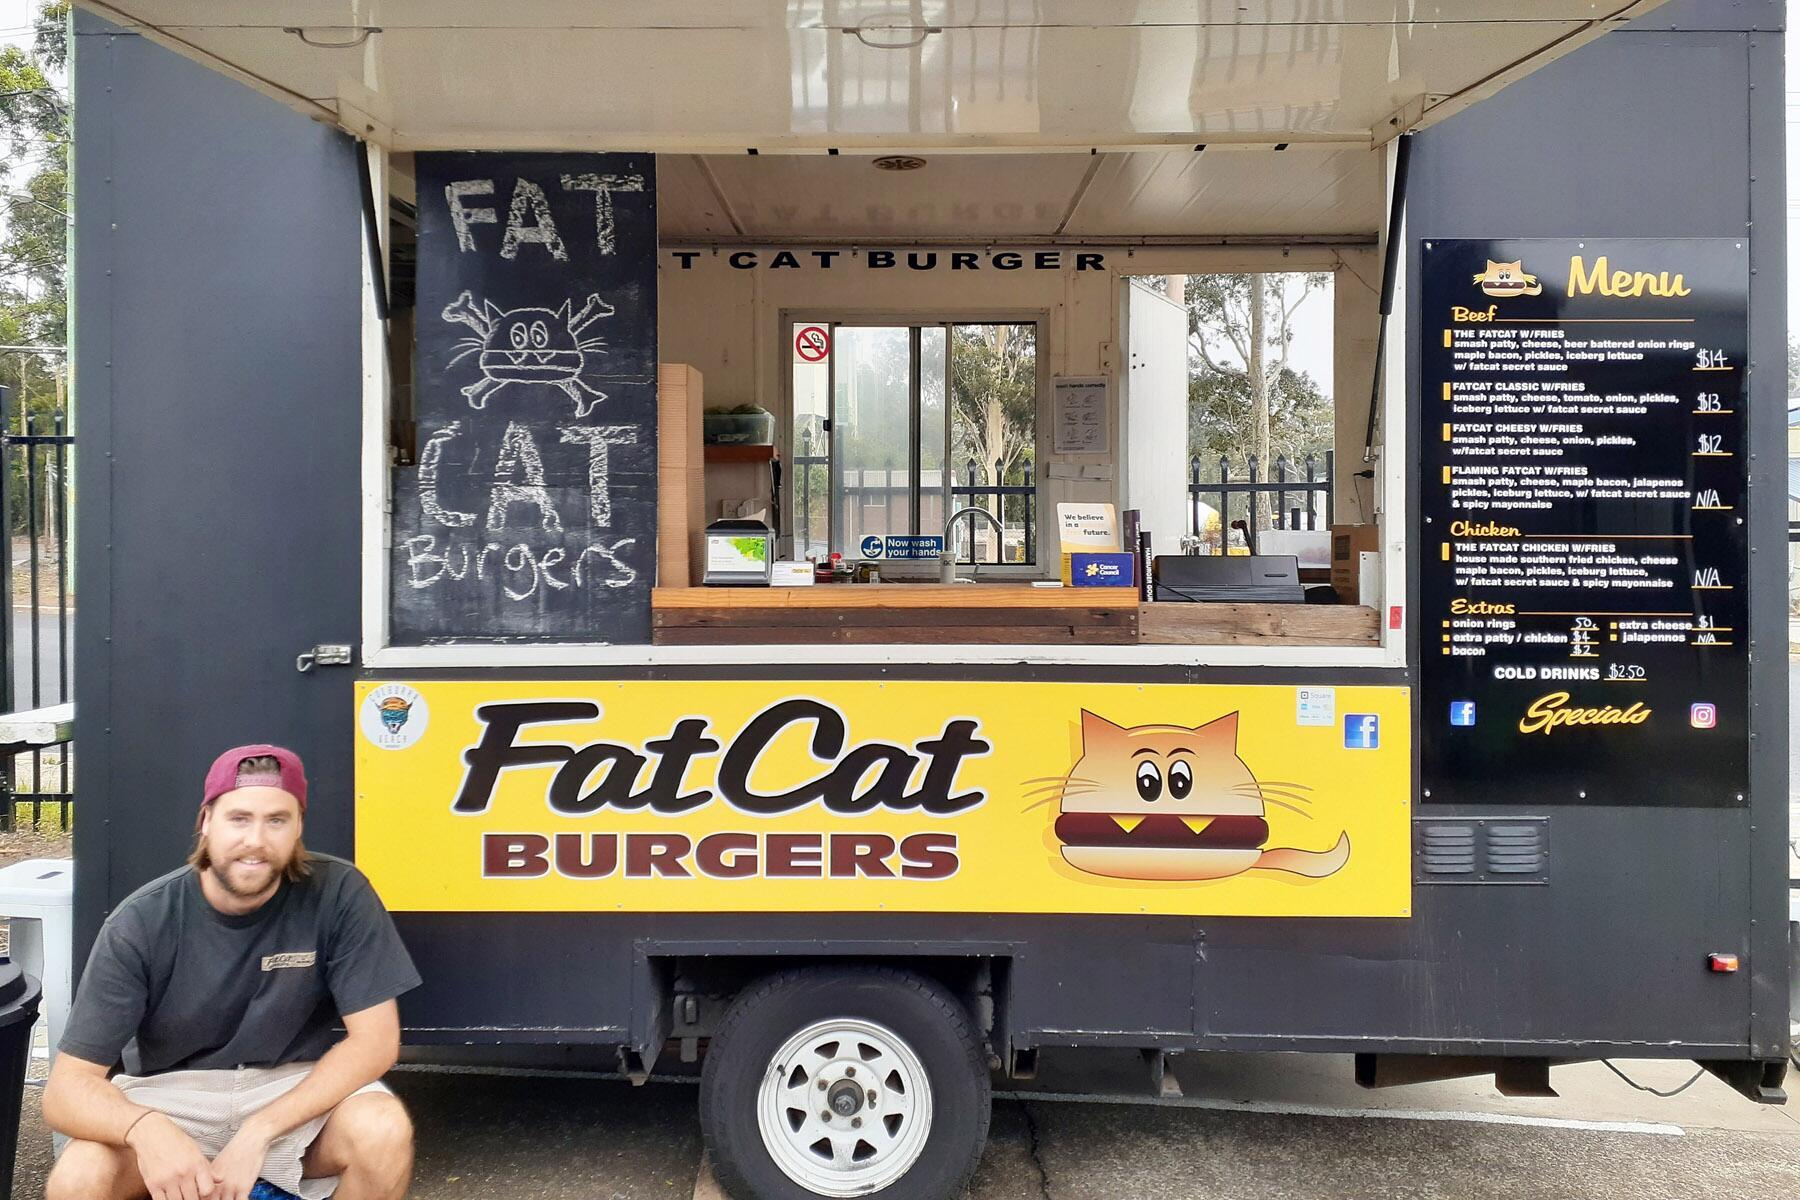 FatCatBurgerFoodTruckInBayArea 2